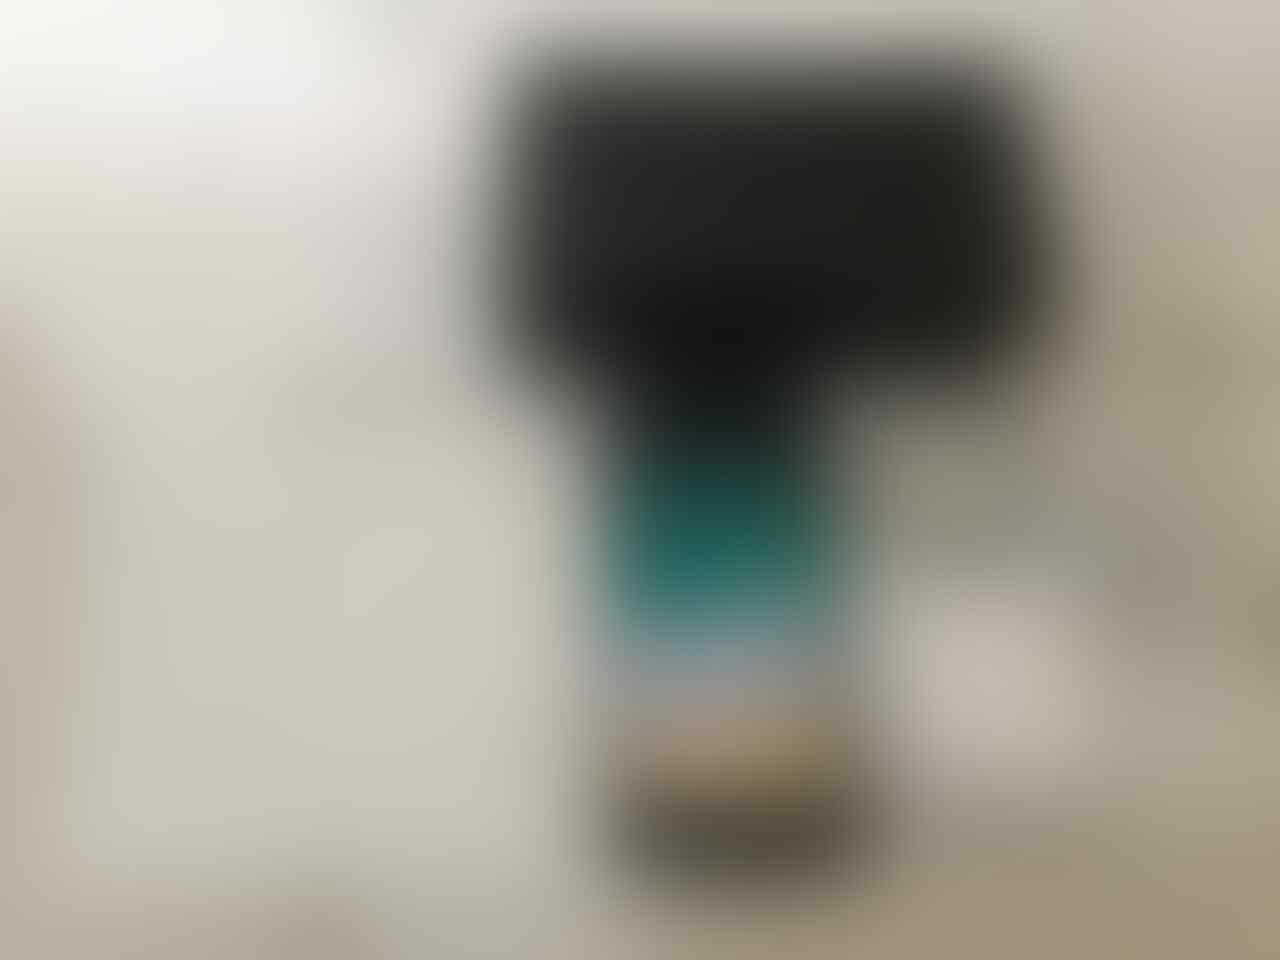 IPHONE 7 PLUS JETBLACK 256GB FULLSET NORMAL MURAAAHHH 9100 SAJA [MALANG]